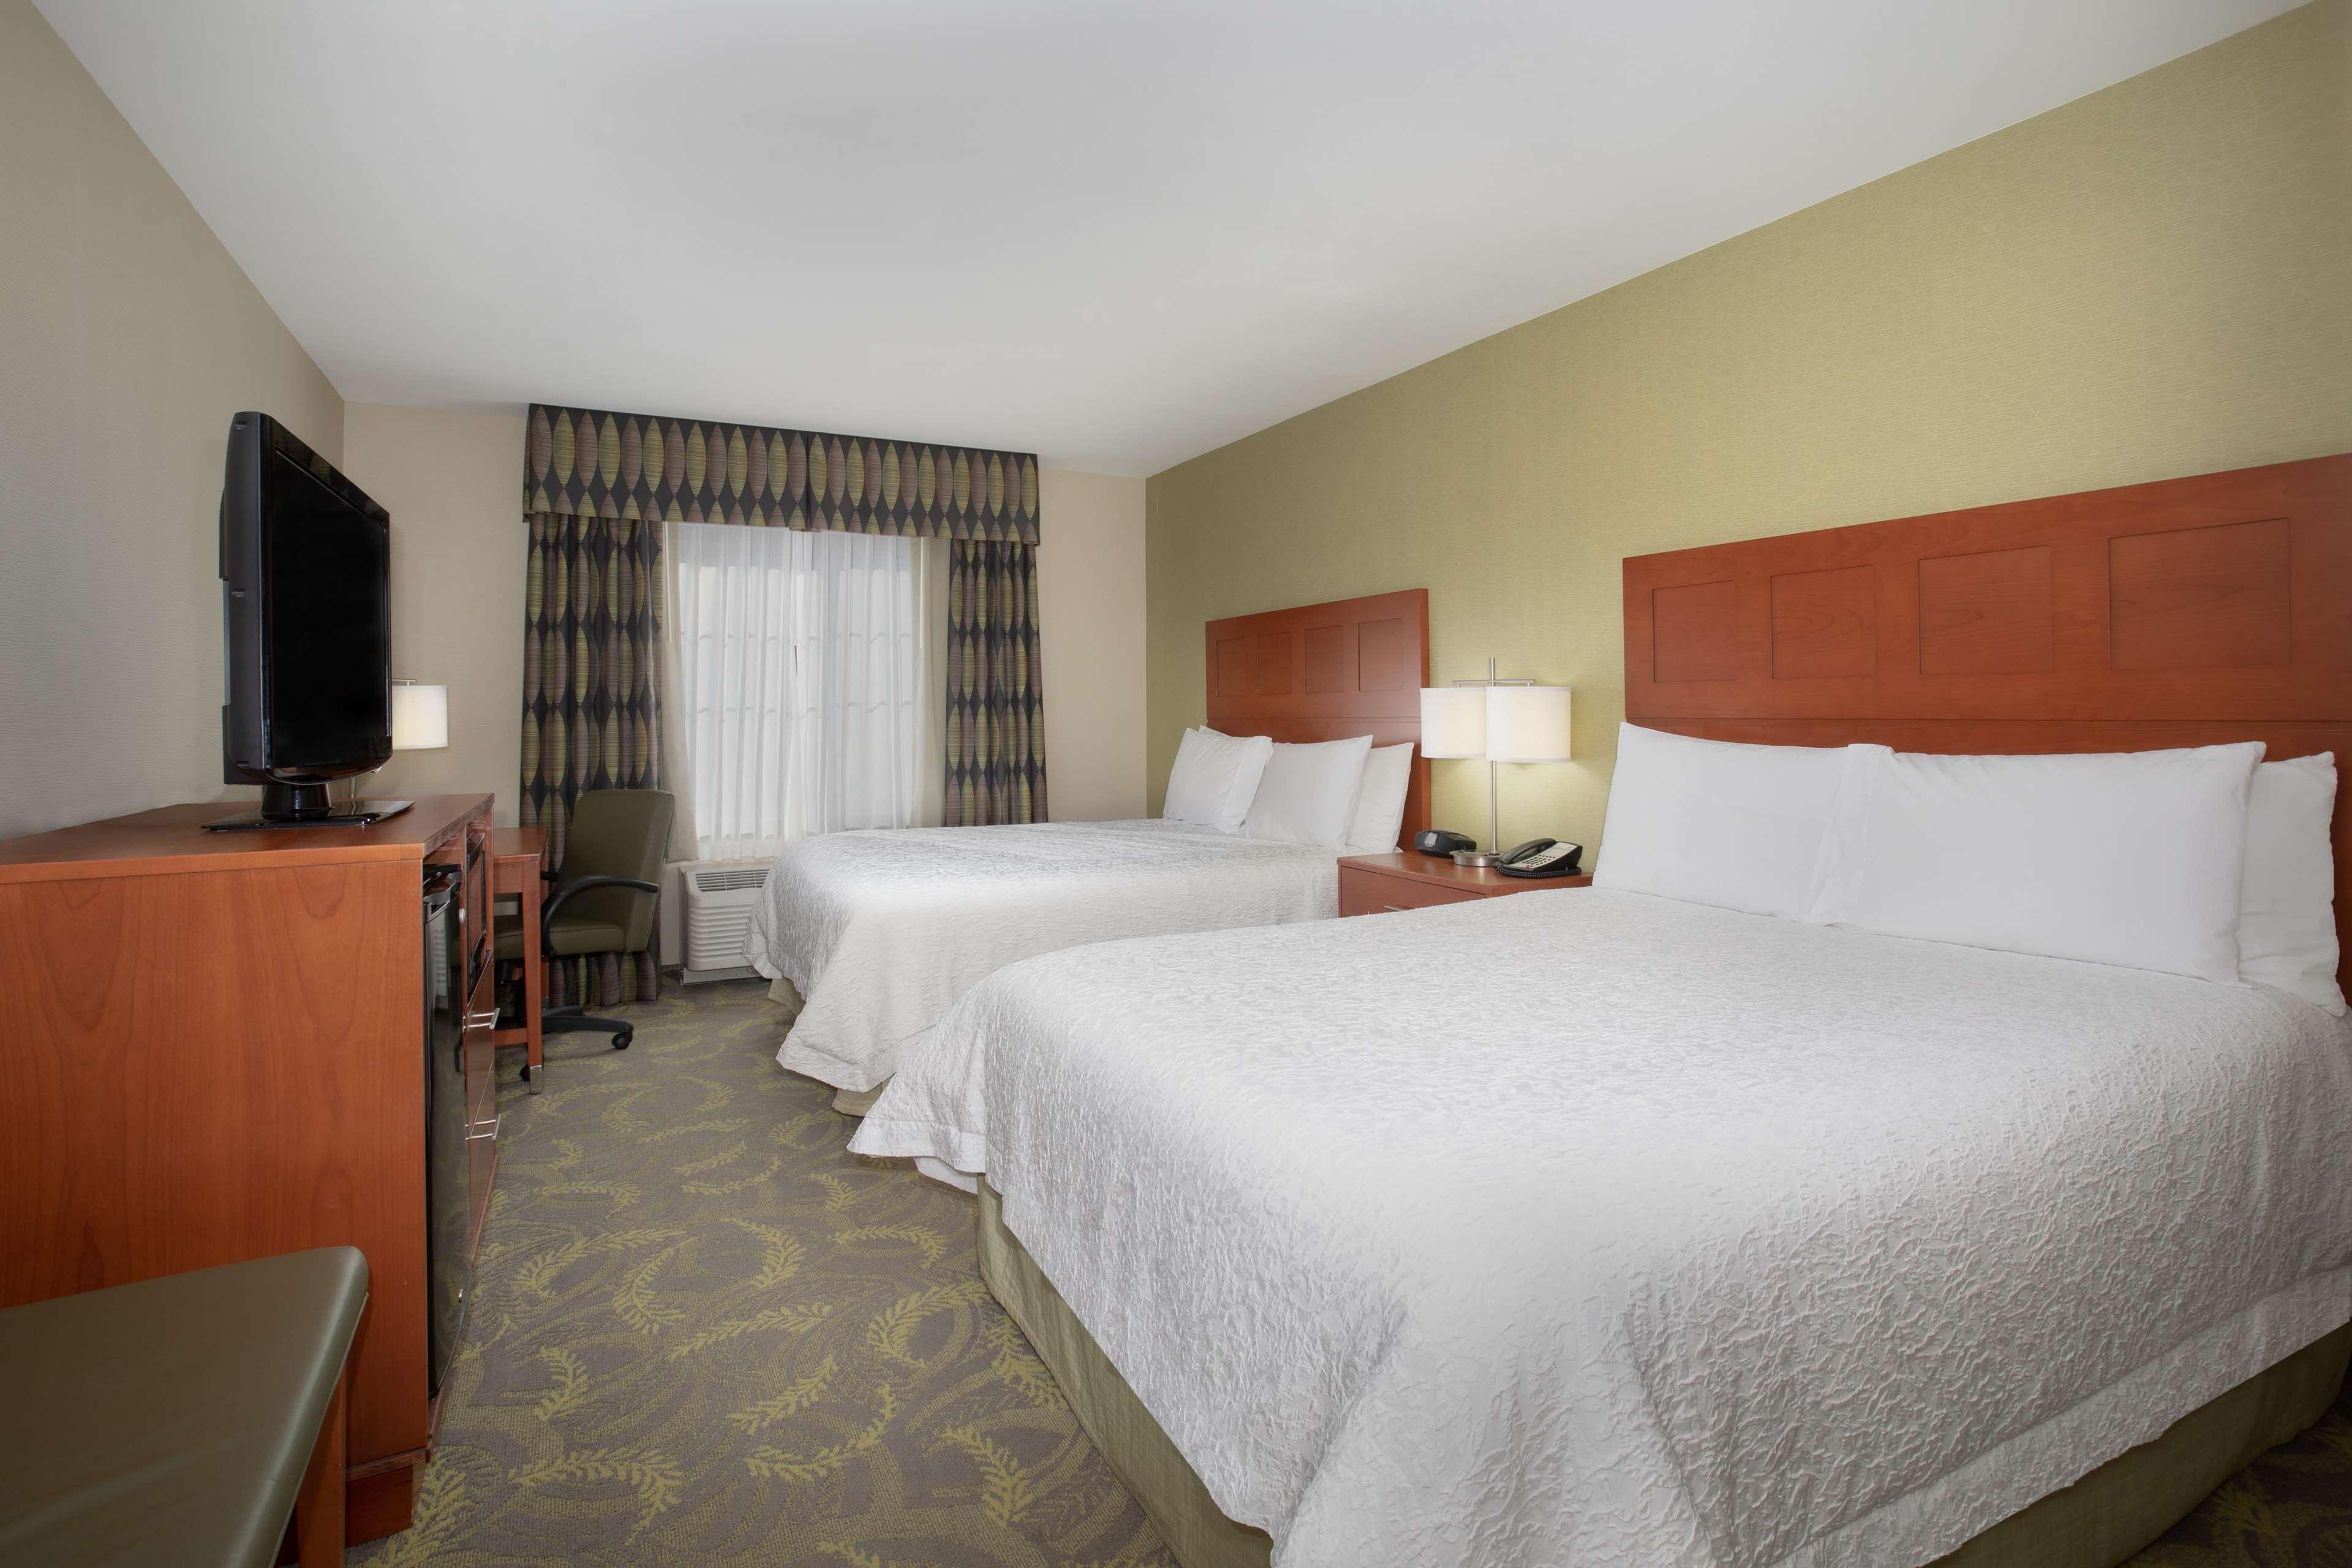 Hampton Inn & Suites Astoria image 49